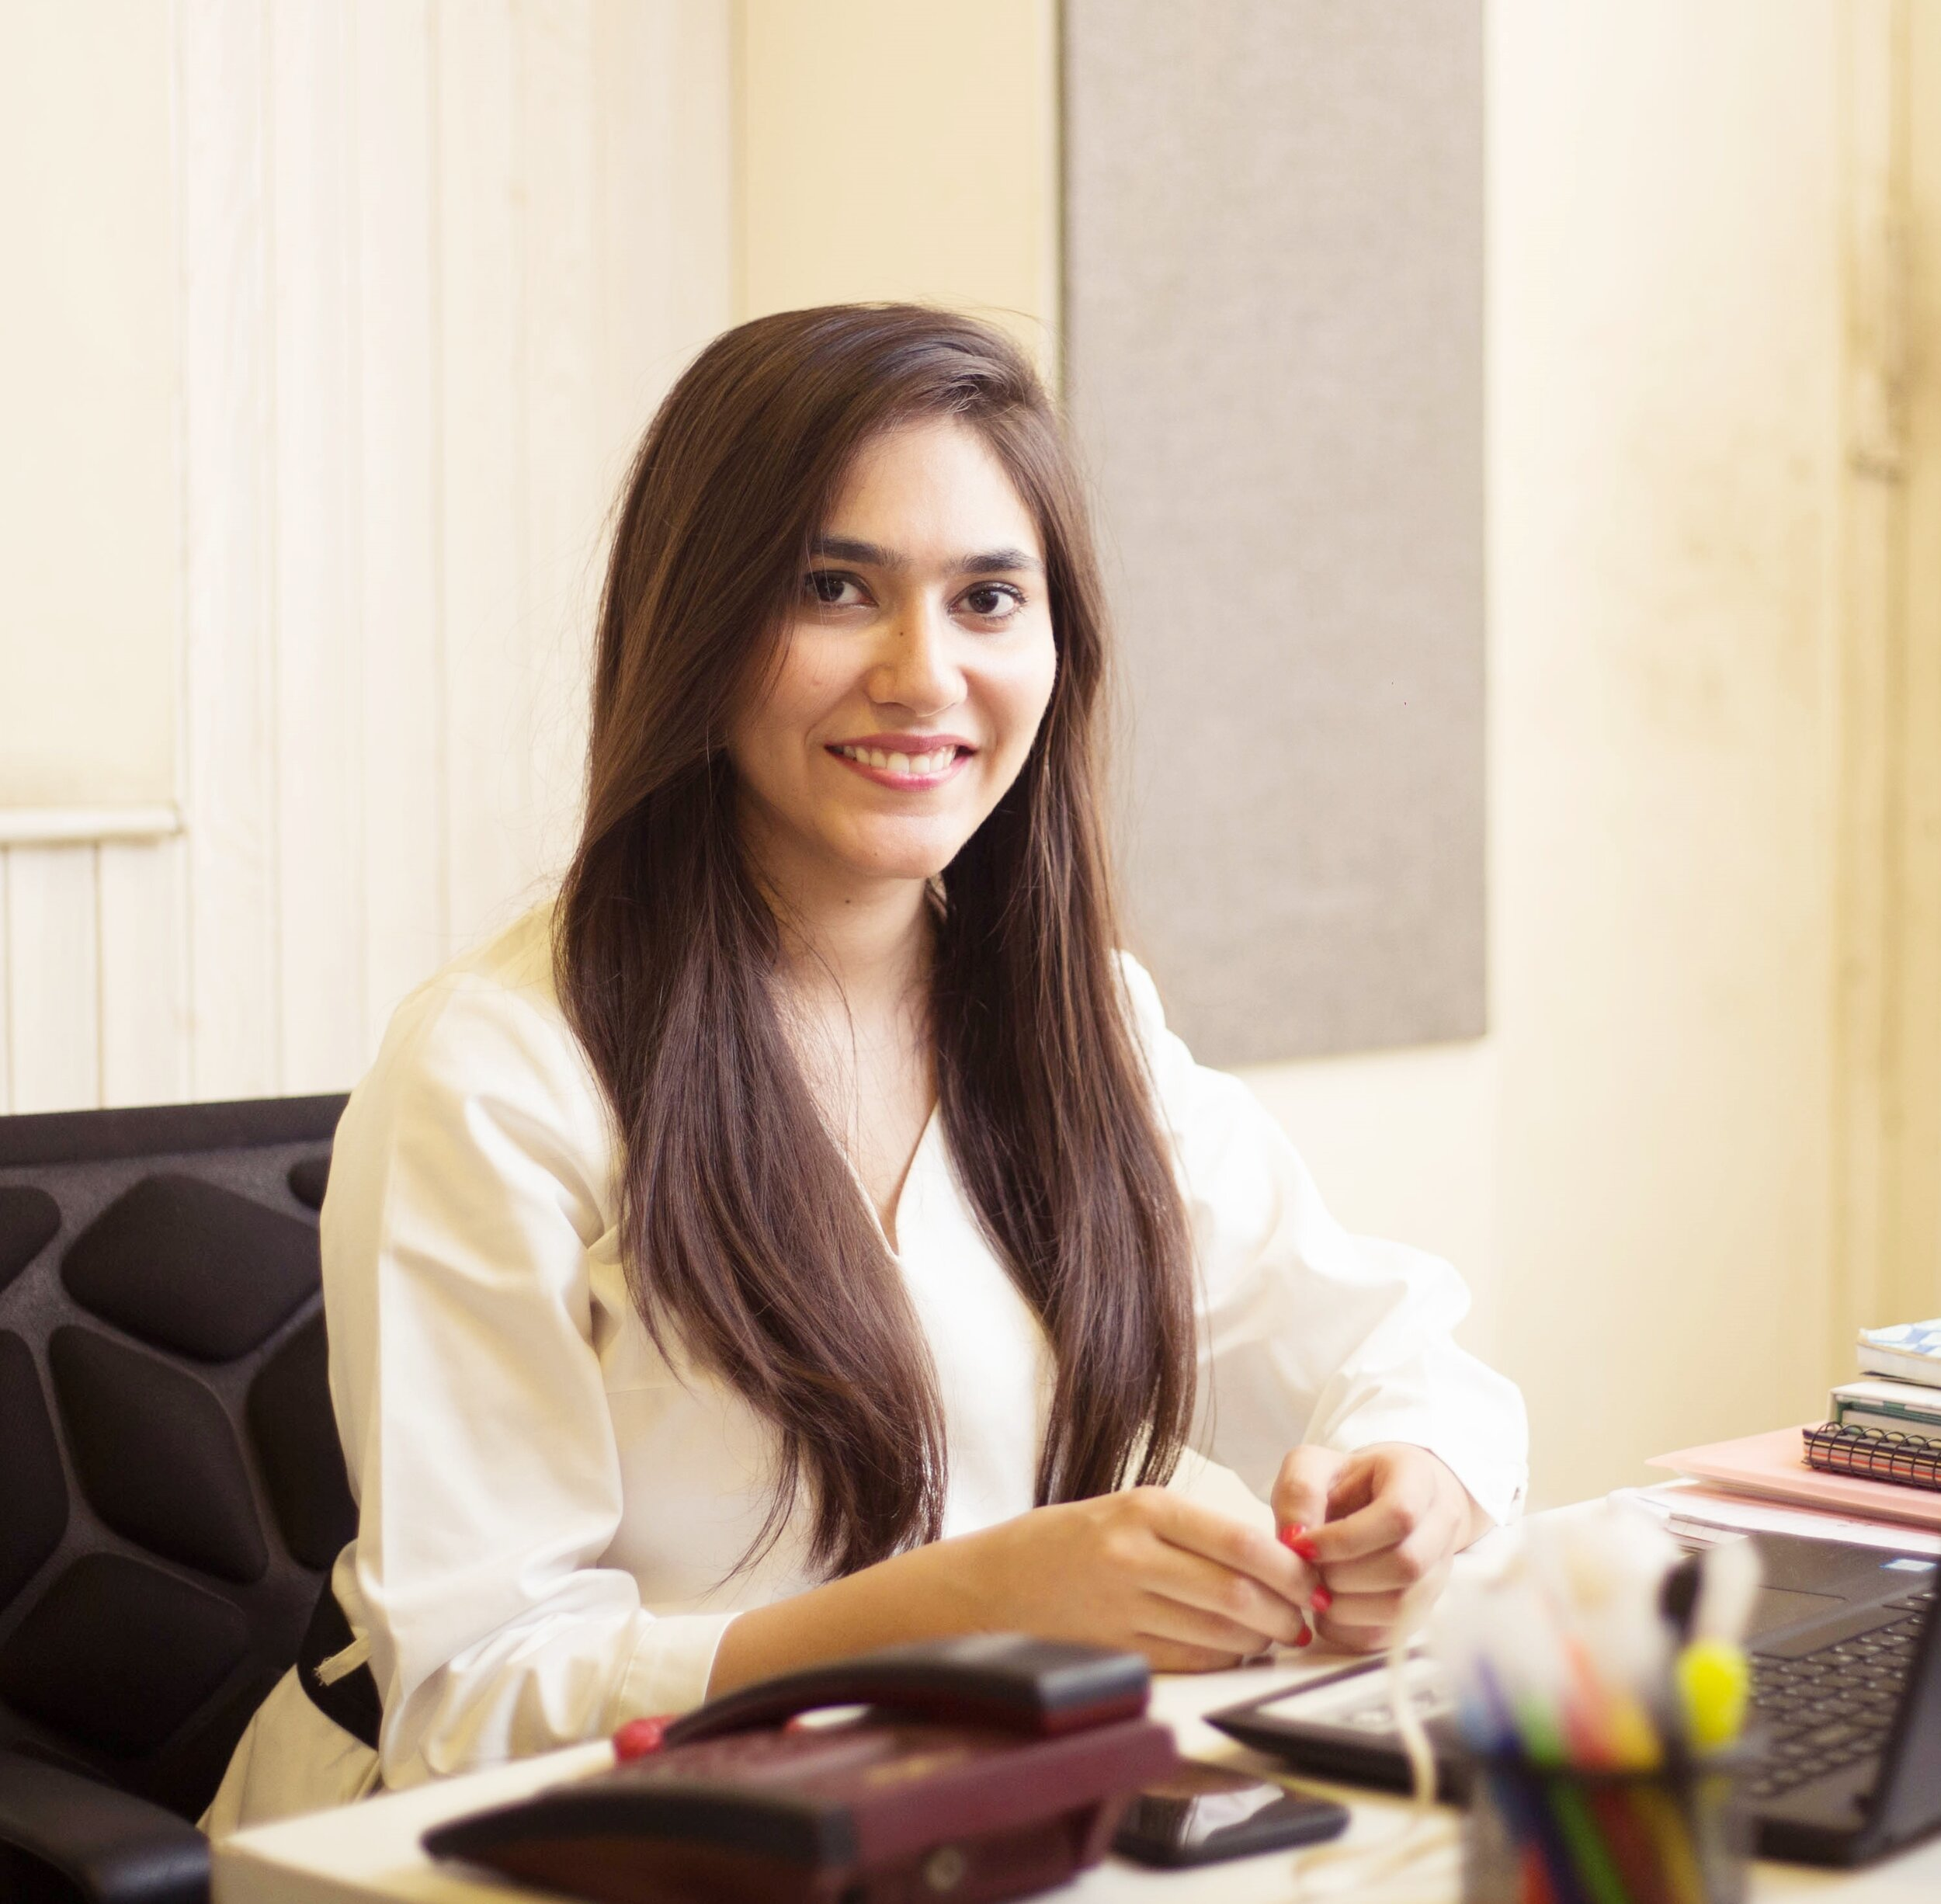 Sumreen Mahmood